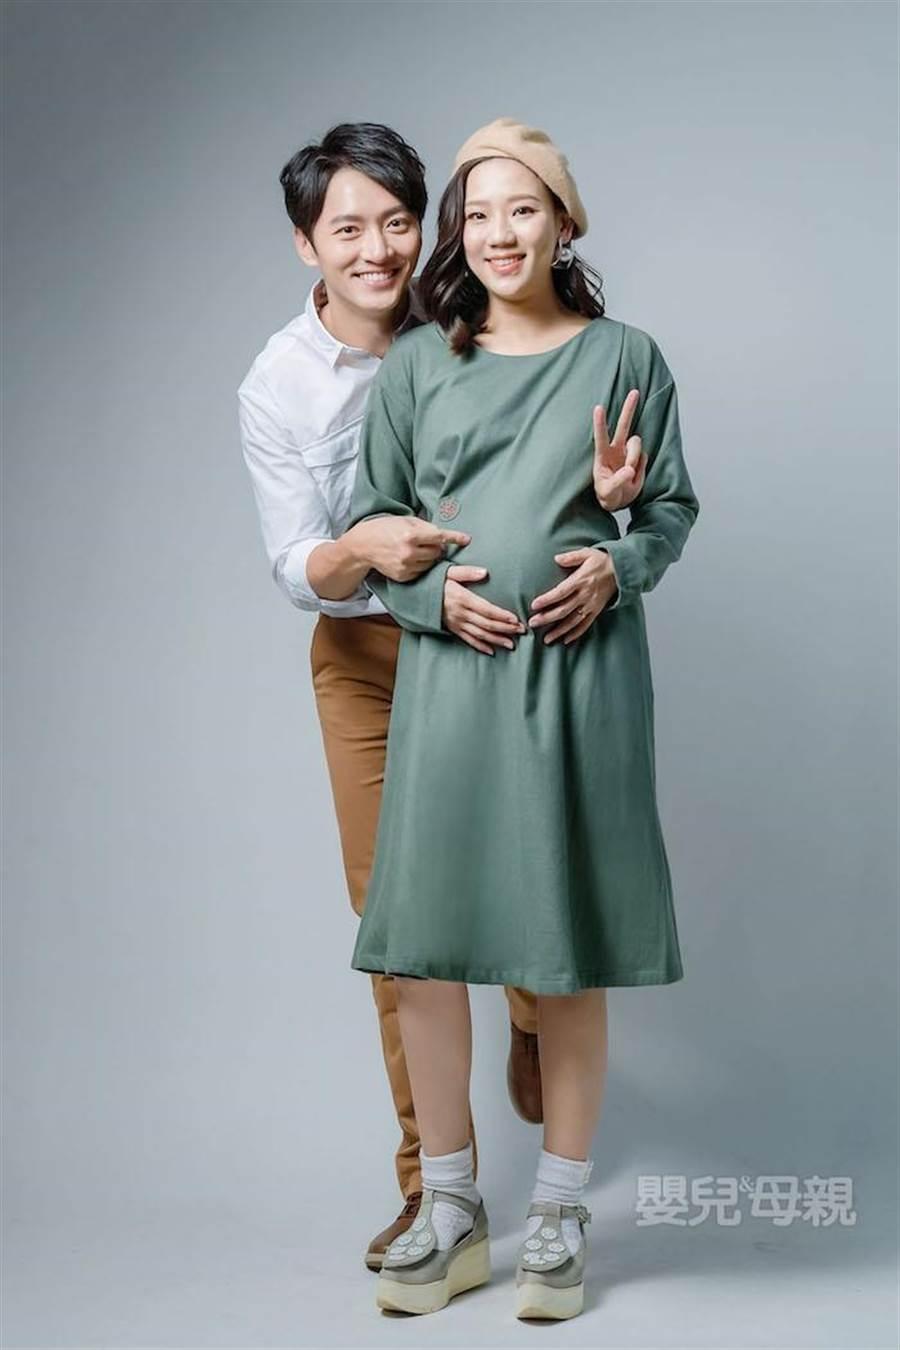 梁敏婷預產期在3月初。(《嬰兒與母親》提供)